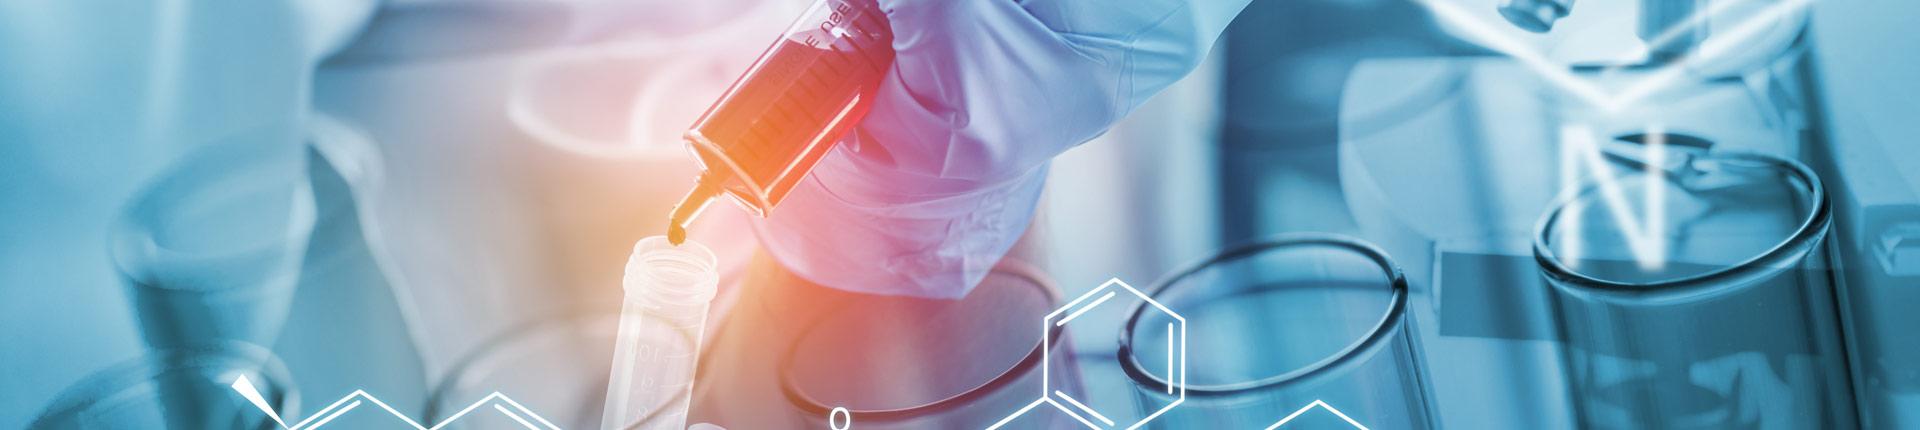 Imbir skutecznie ochroni przed wieloma chorobami